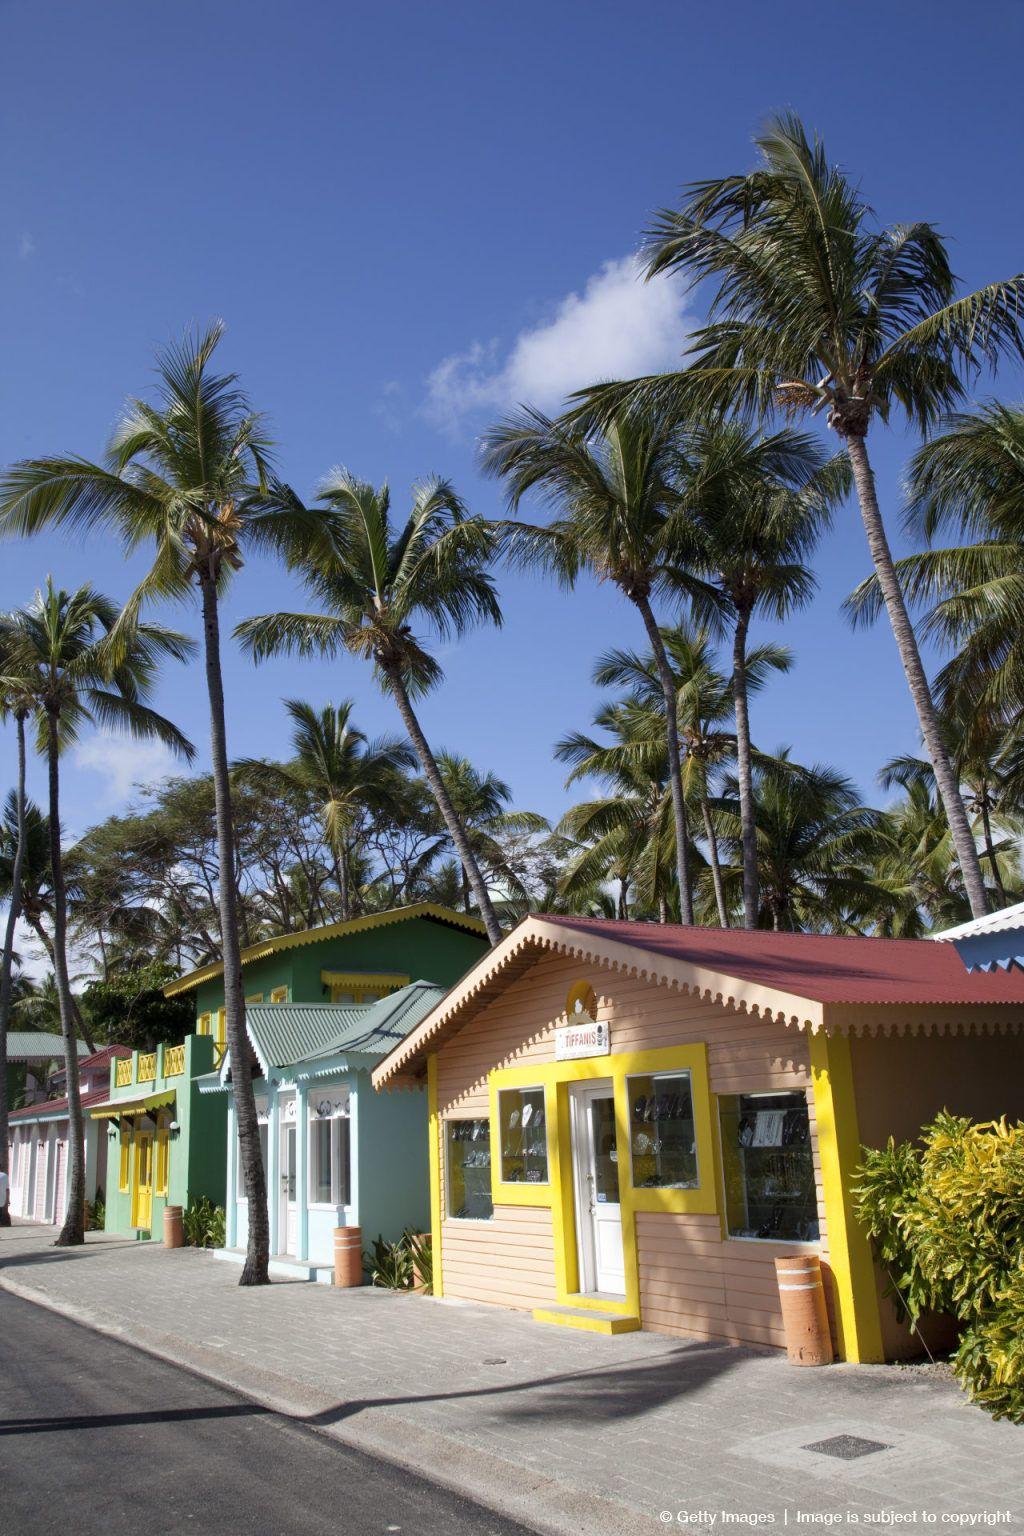 Riu Caribbean Street, Bavaro Beach, Punta Cana, Dominican Republic. love the colourful shops & houses